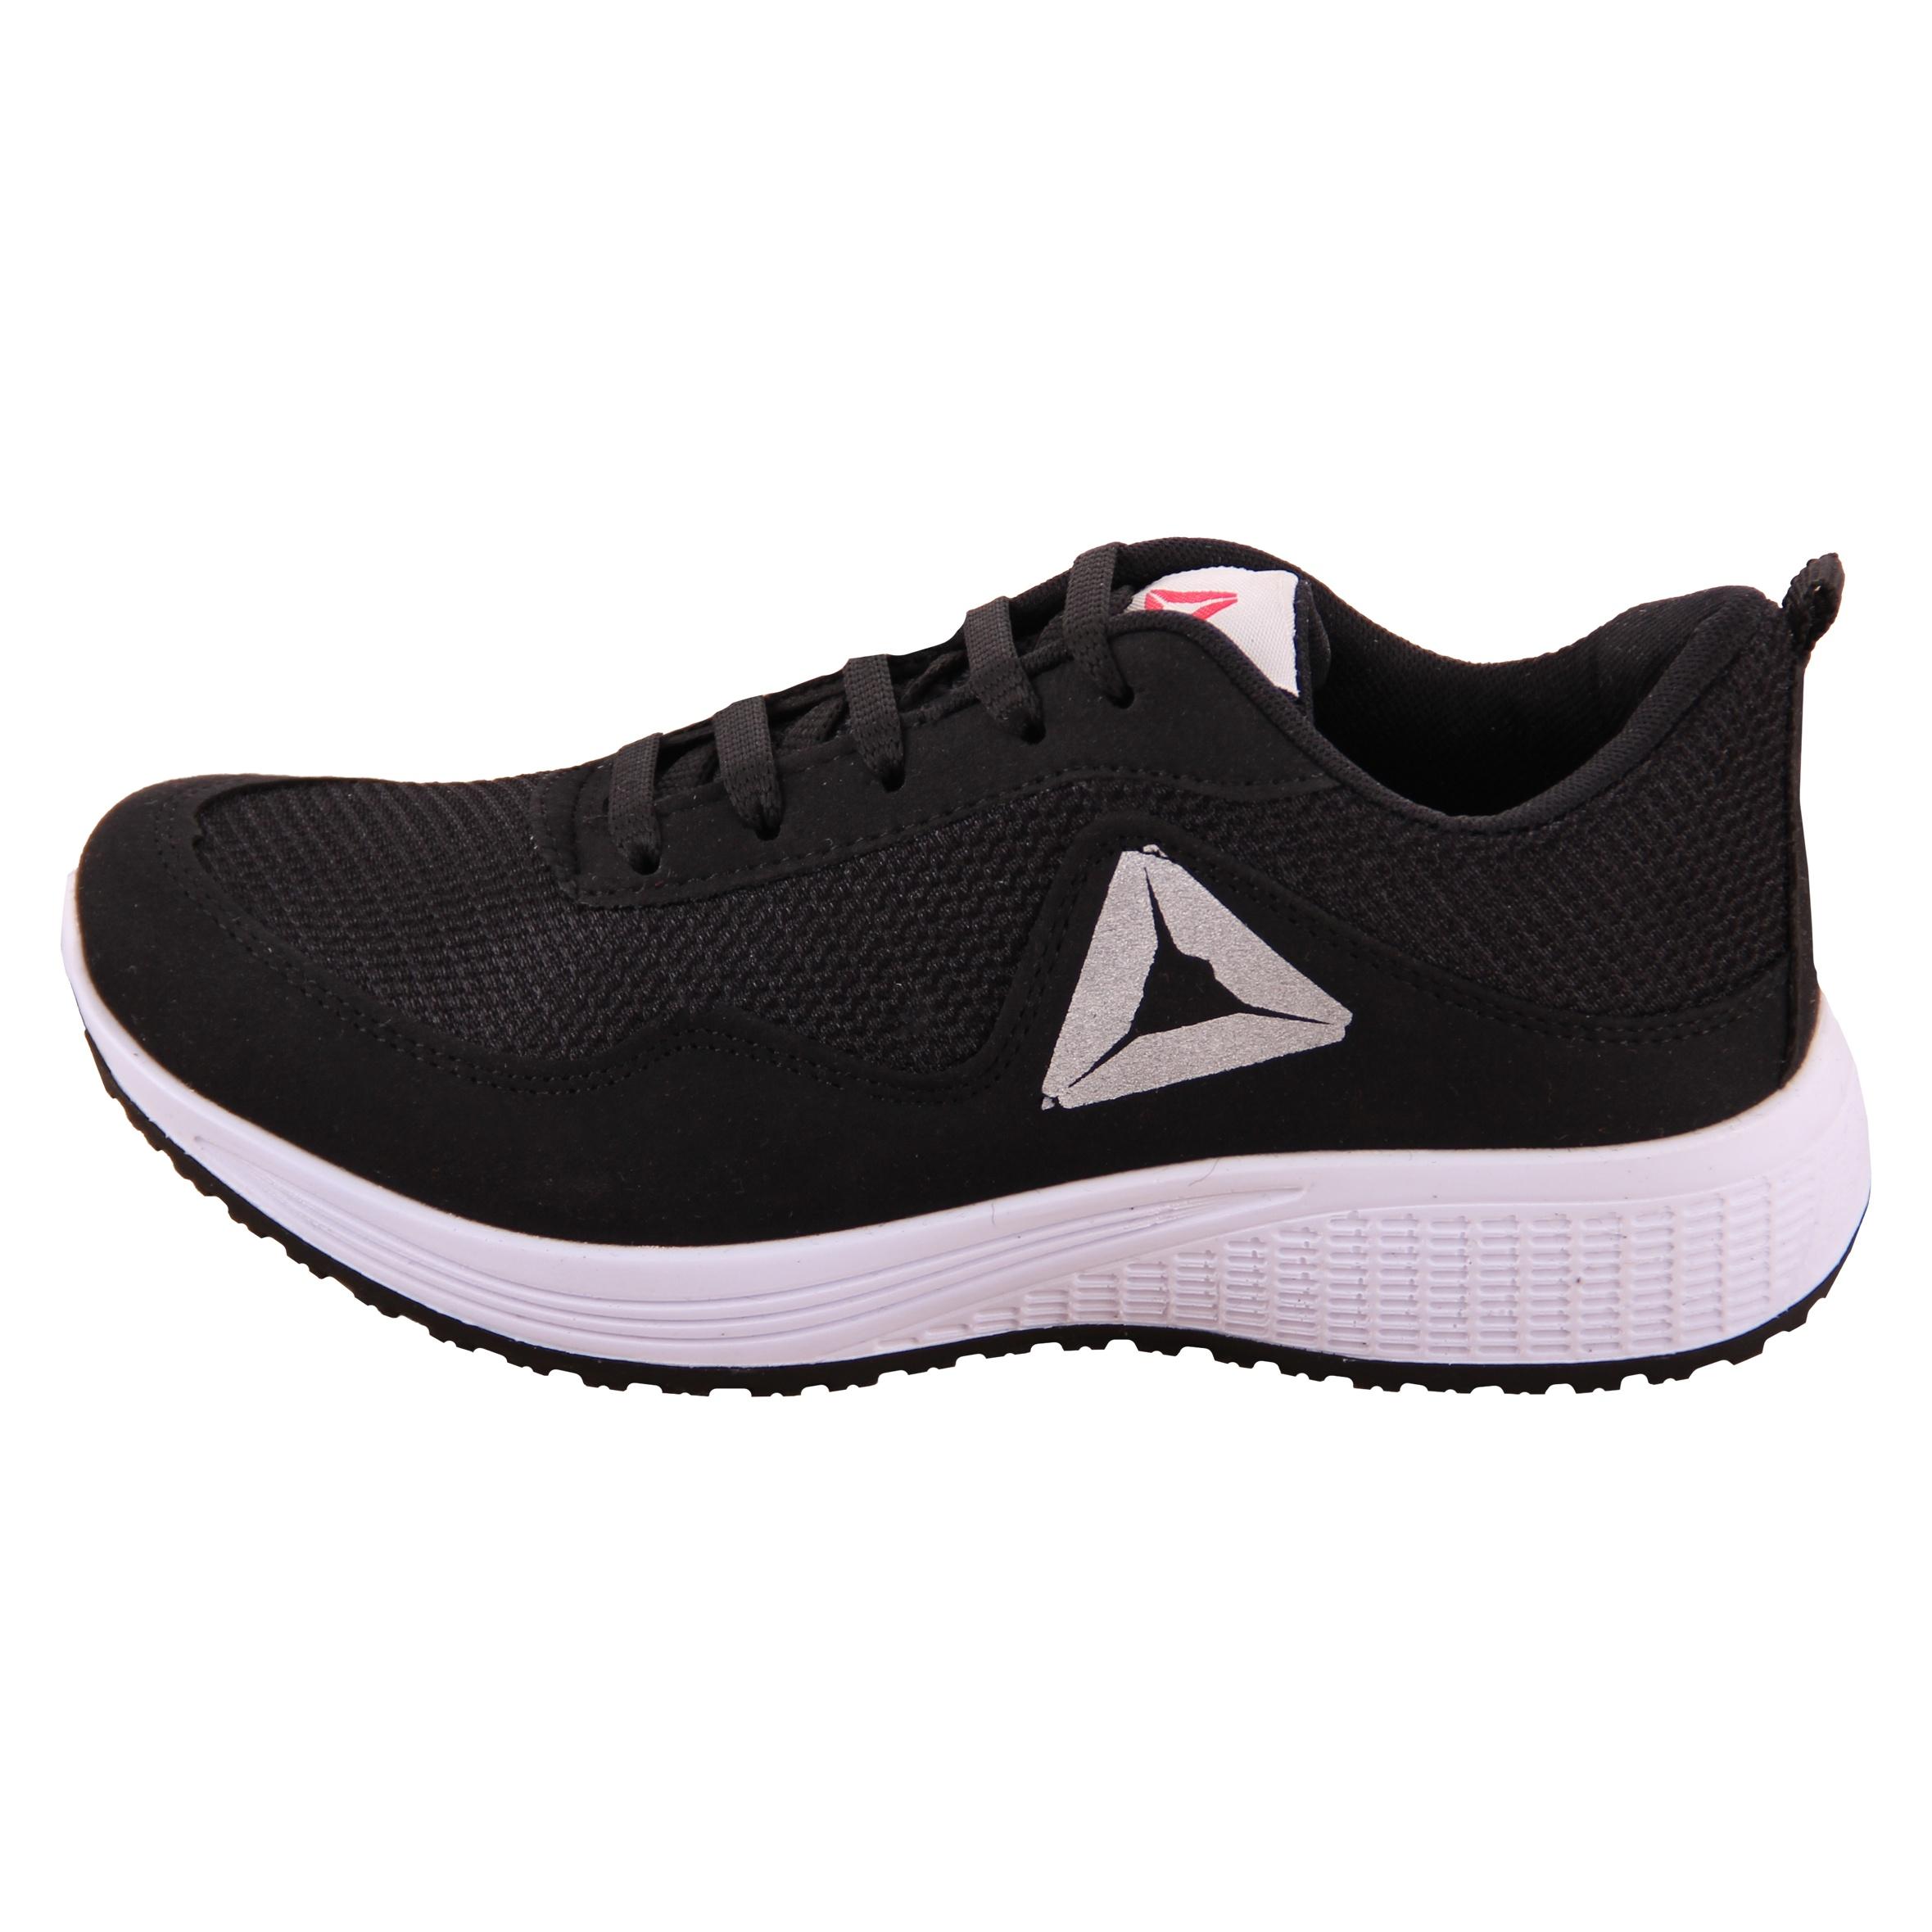 کفش مخصوص پیاده روی زنانه کد 1-2397180